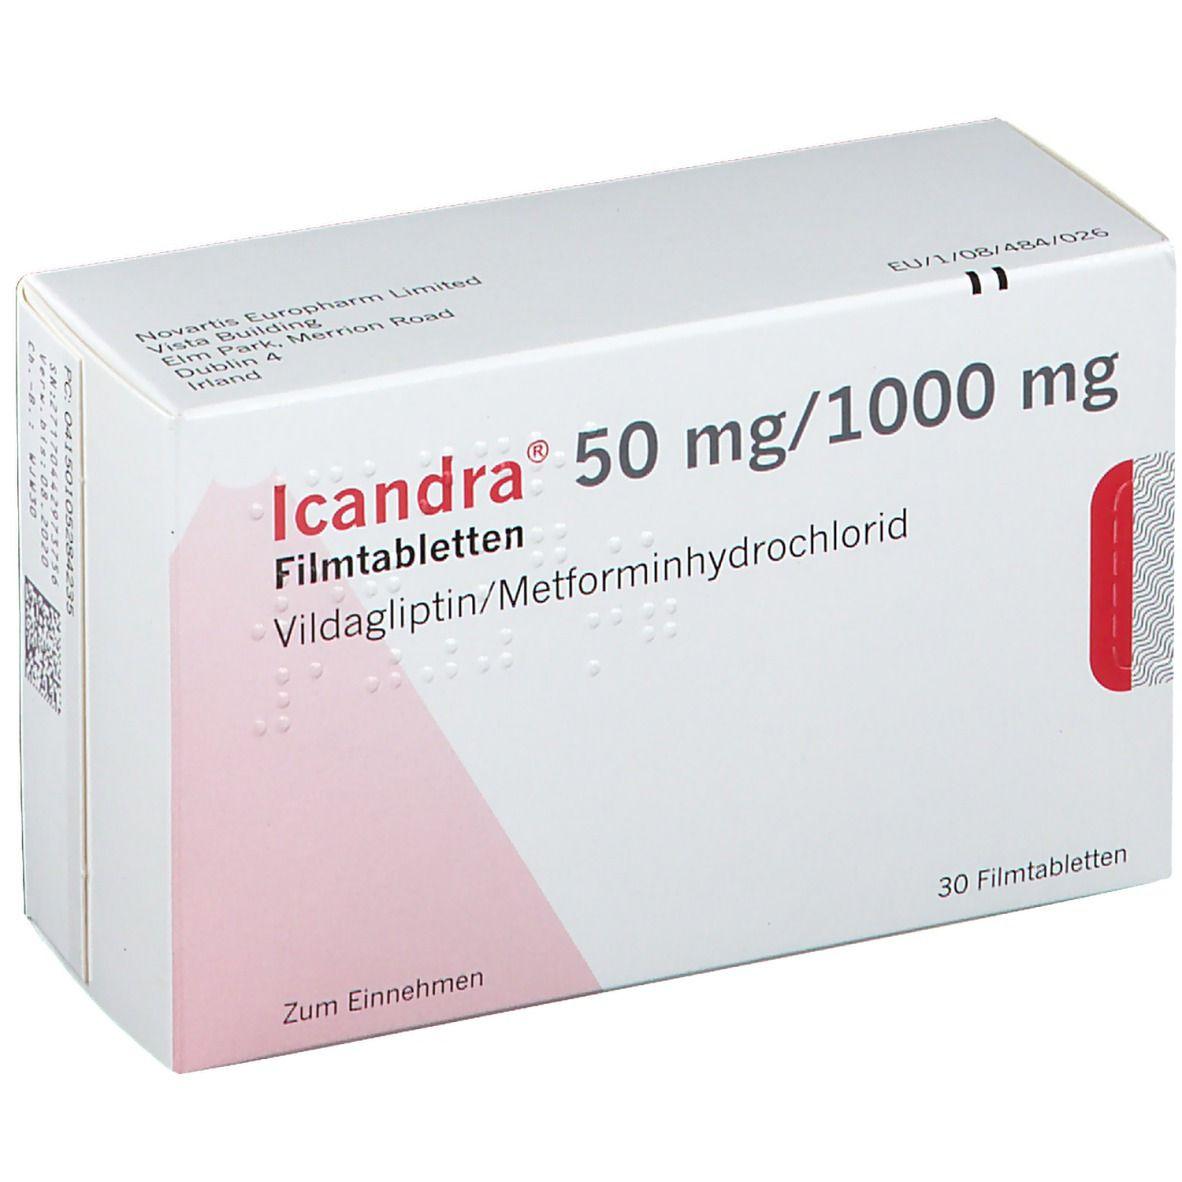 ICANDRA 50 mg/1000 mg Filmtabletten